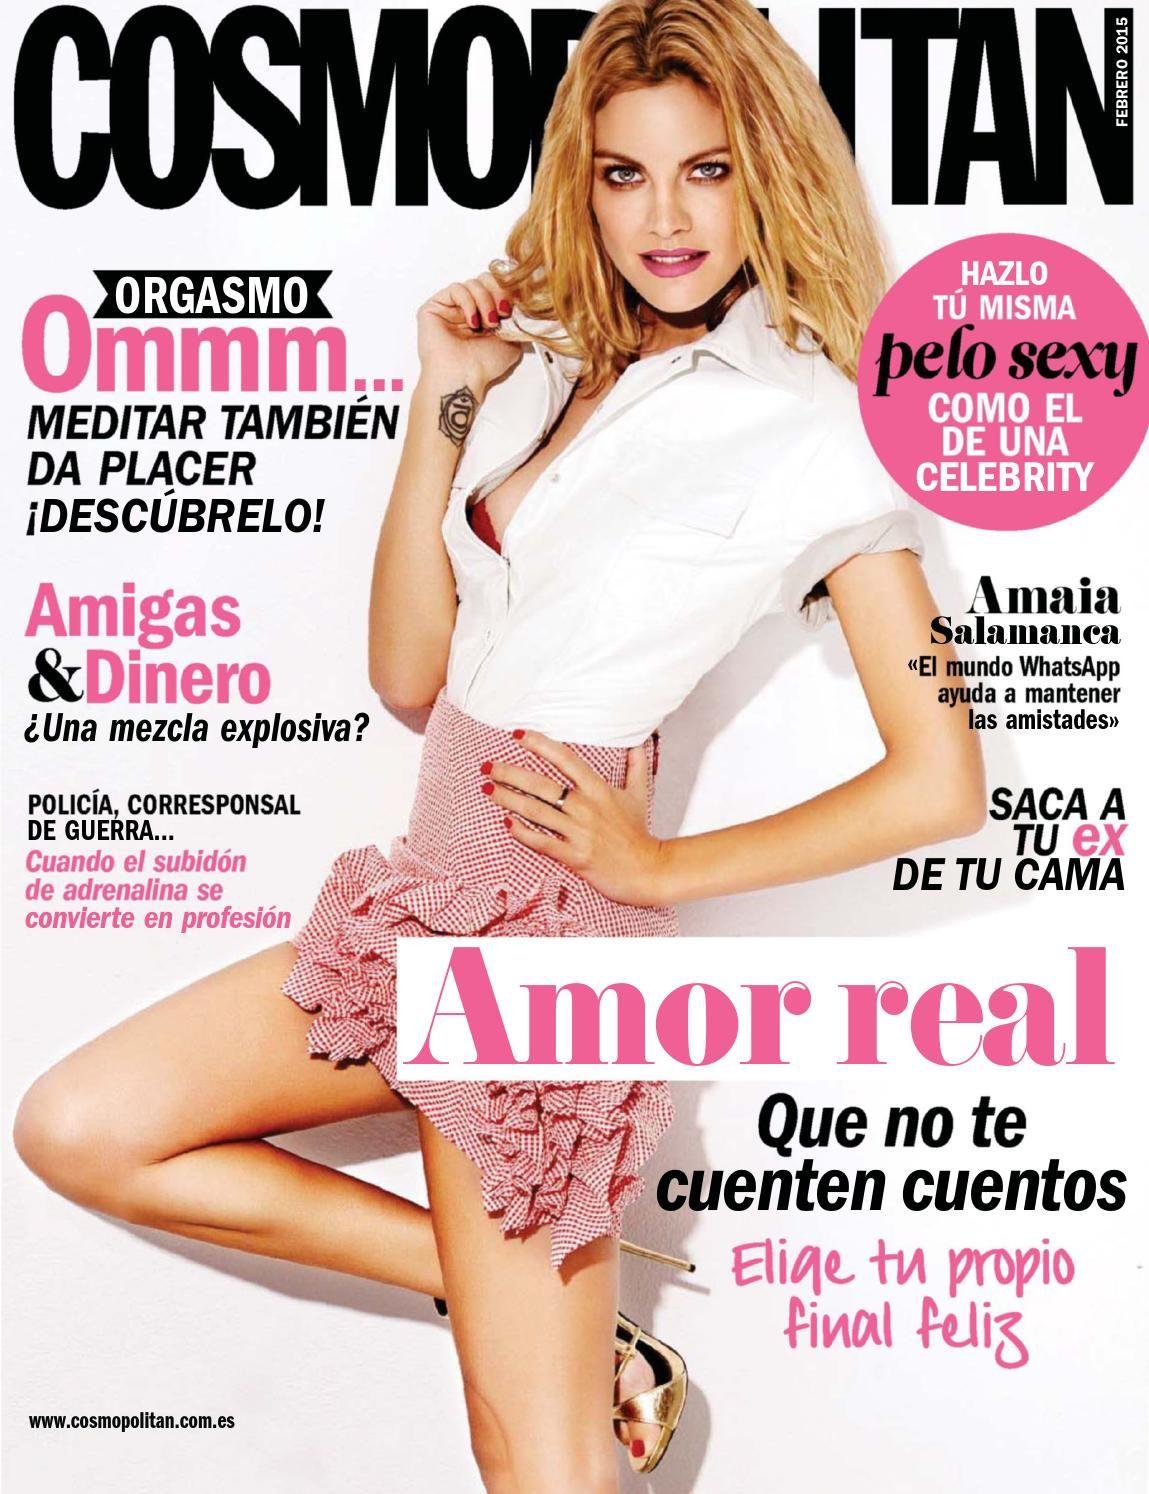 Cosmopolitan españa febrero 2015  cosmo 2015